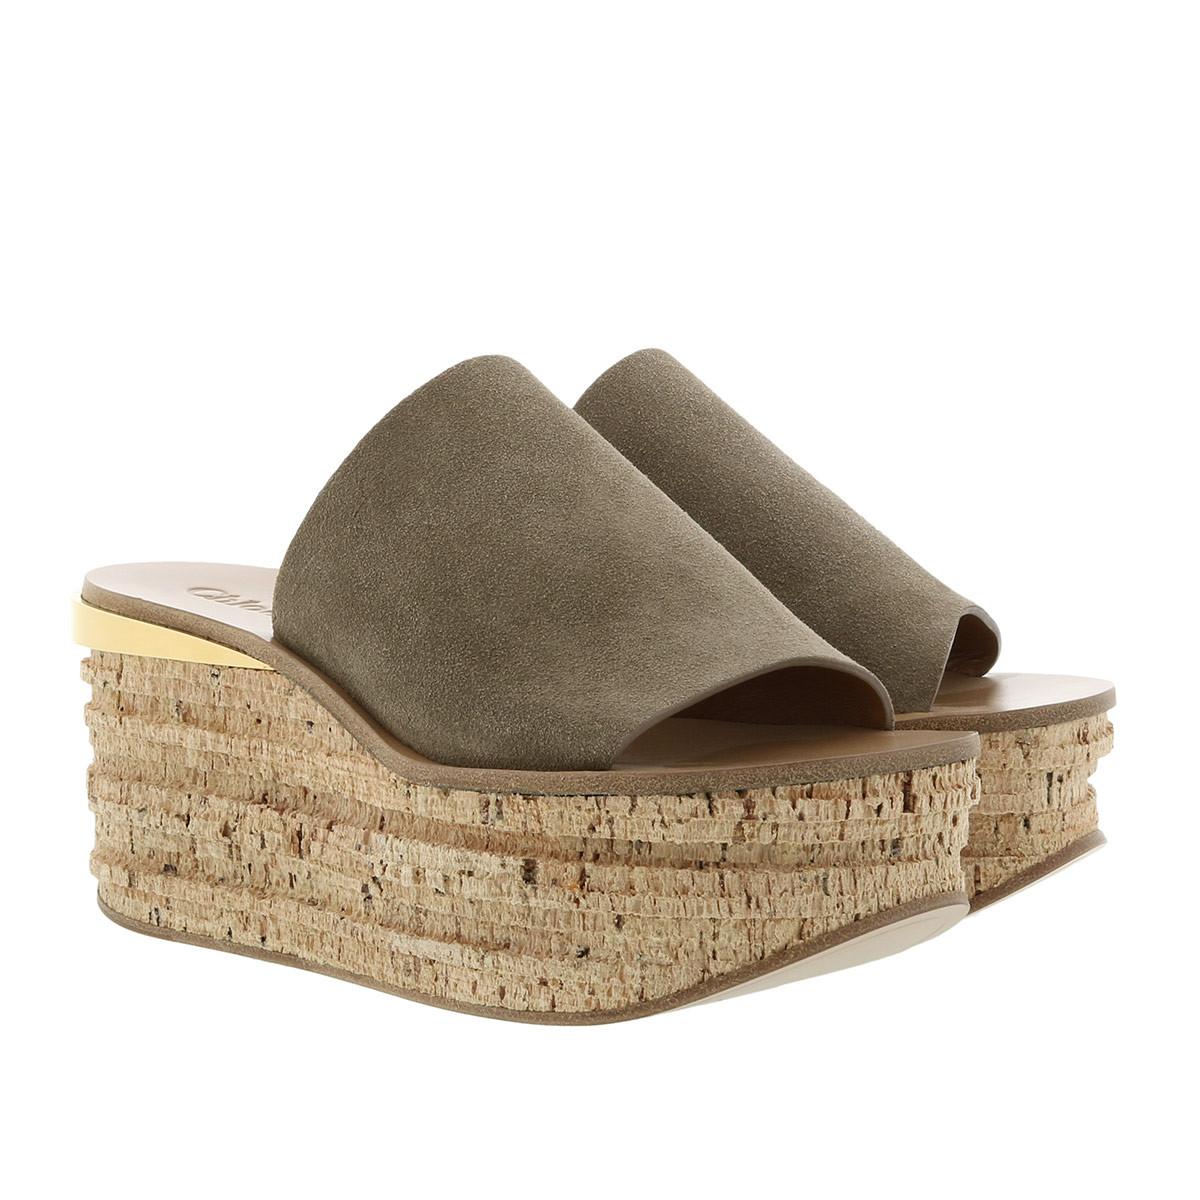 Sandalen Beste Winkel Om Te Krijgen Voor Verkoop xGzrepGk0j